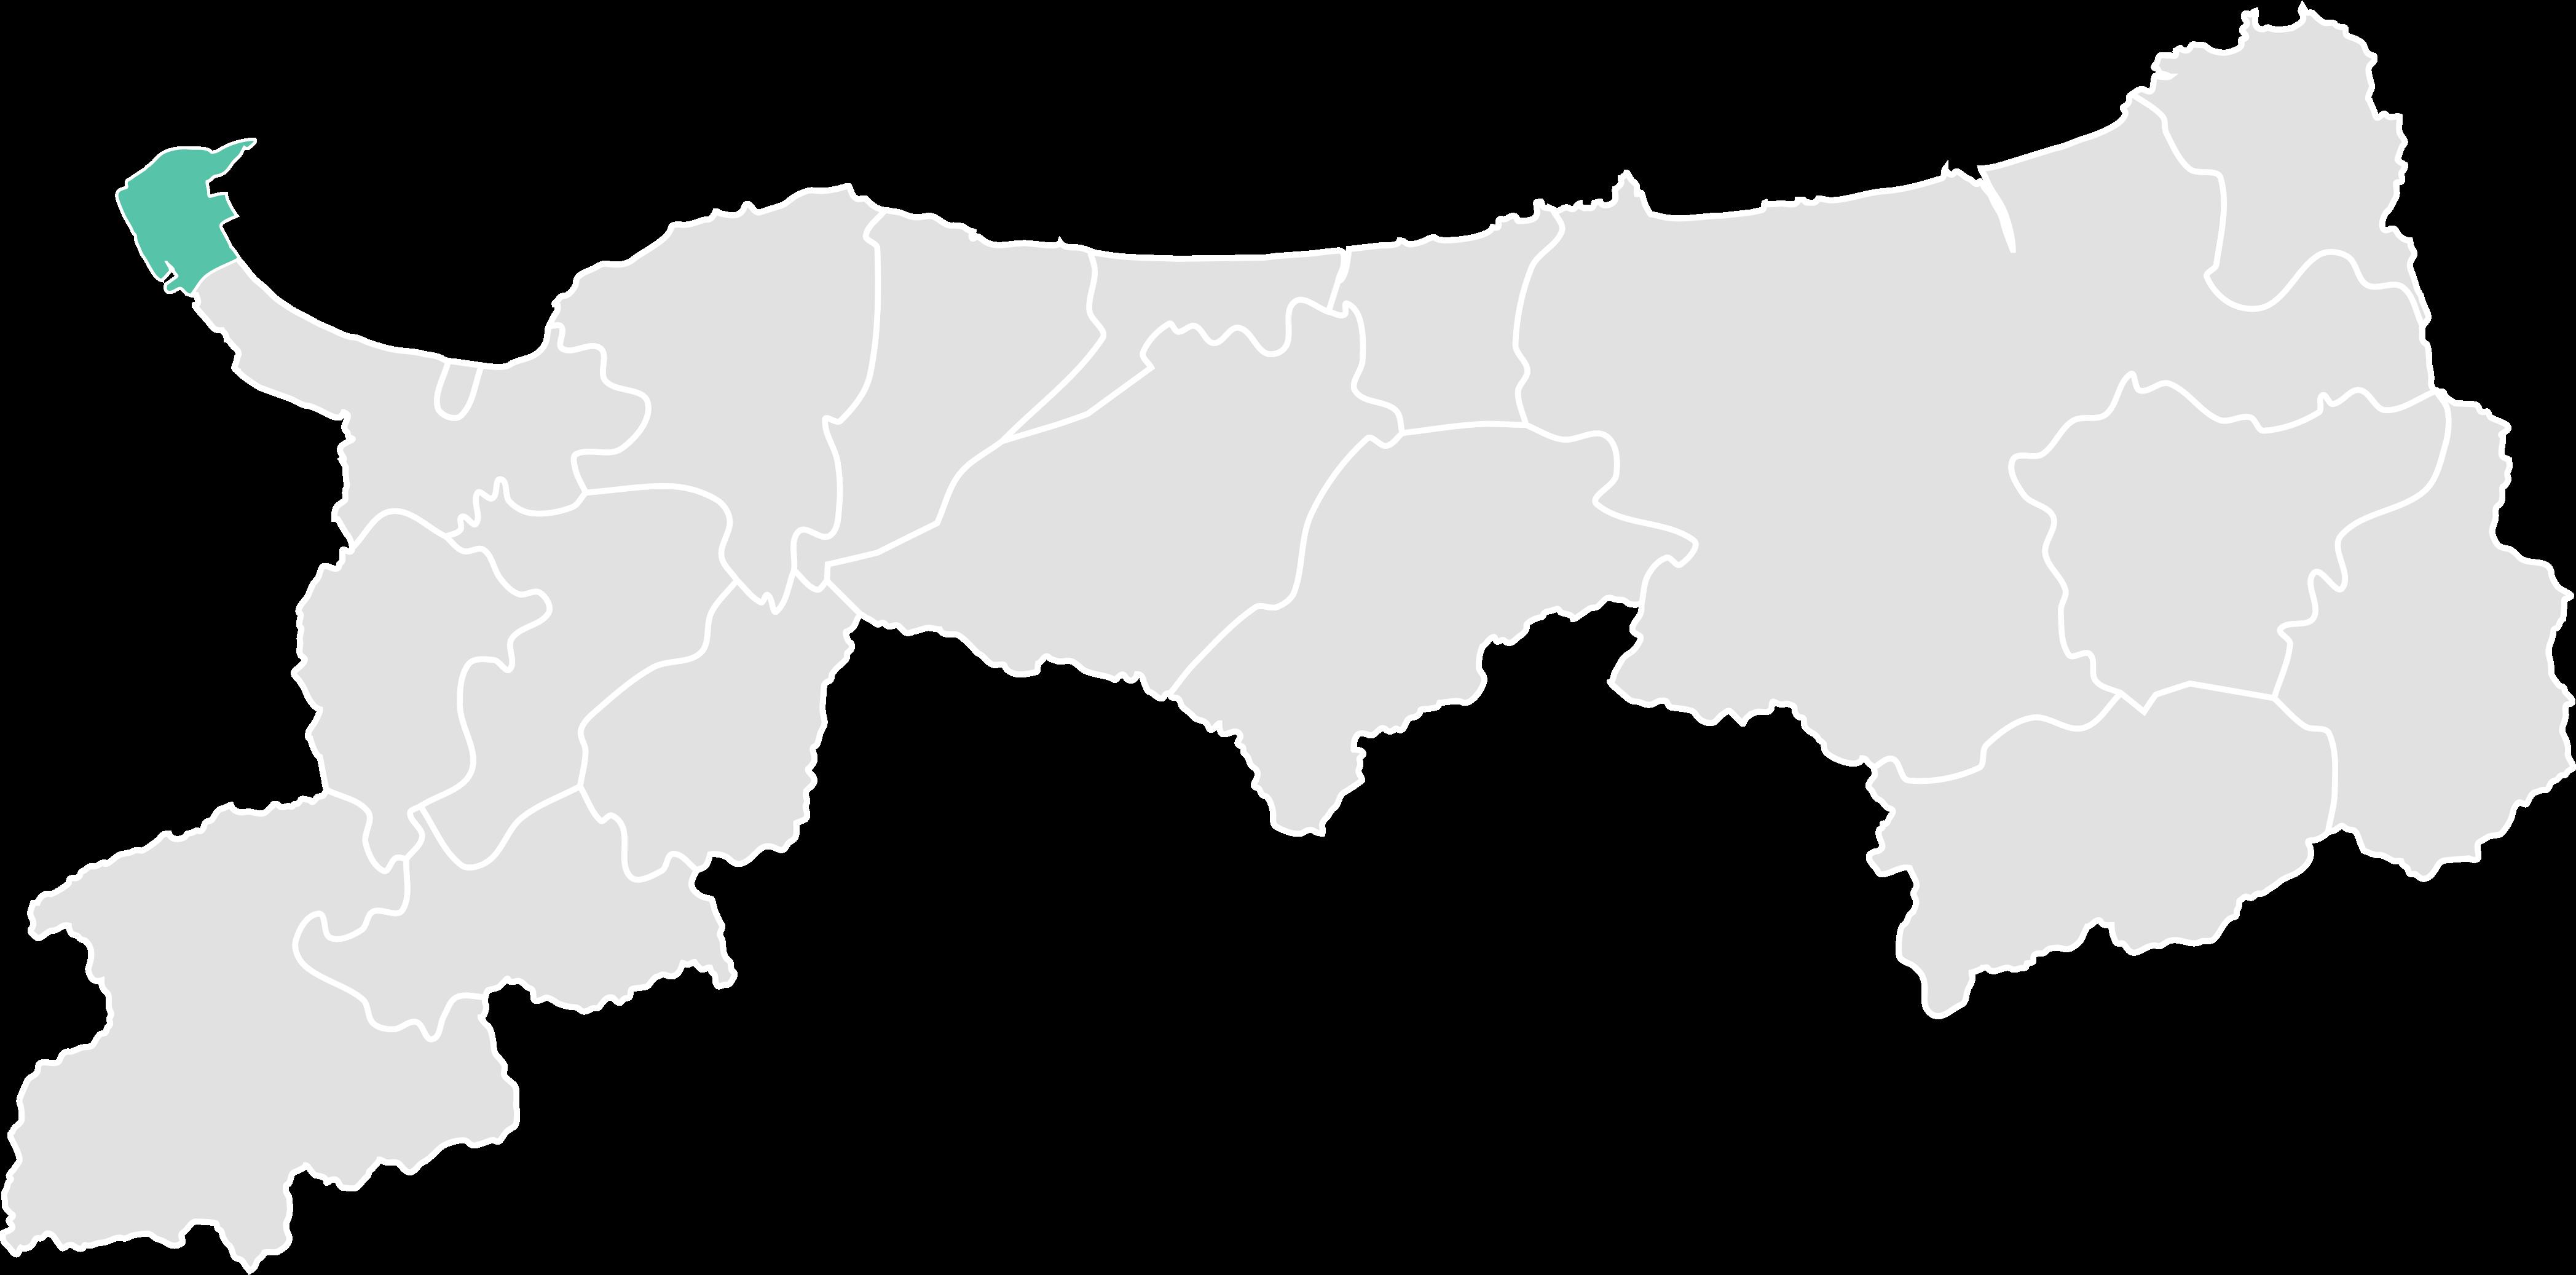 県 人口 鳥取